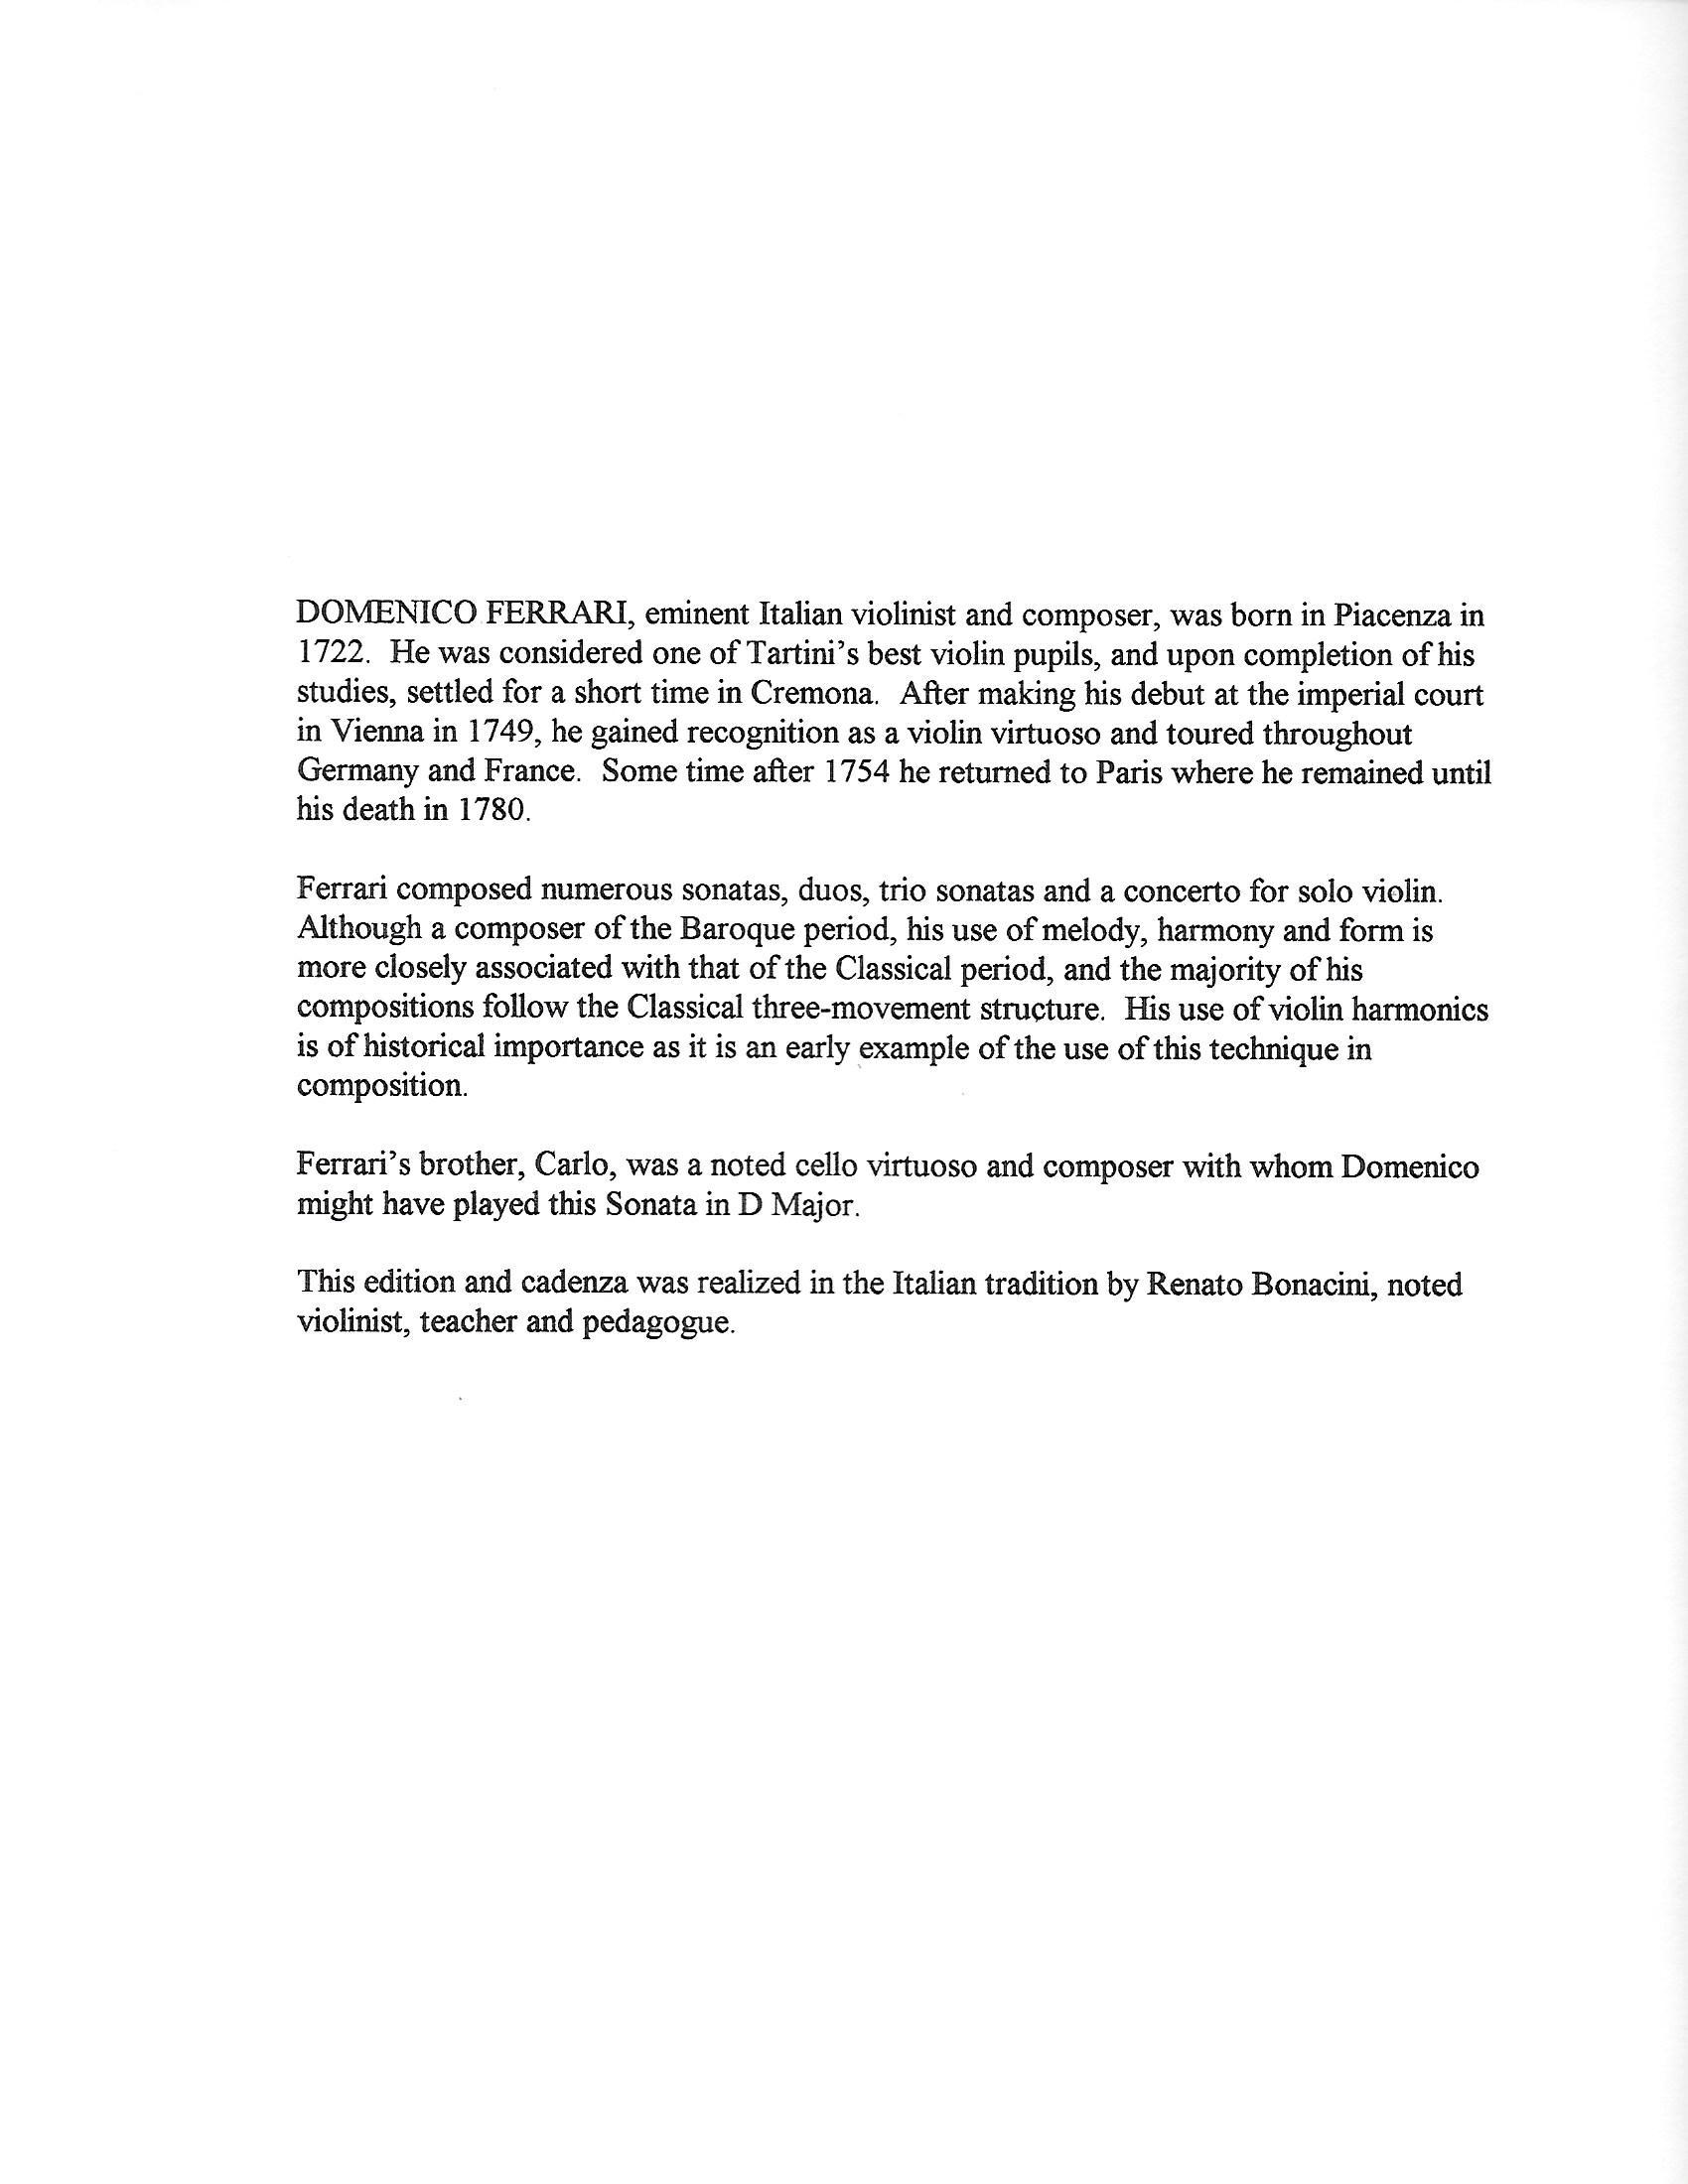 Ferrari, Domenico - Sonata in D Major for Violin and Cello - Information about Composer